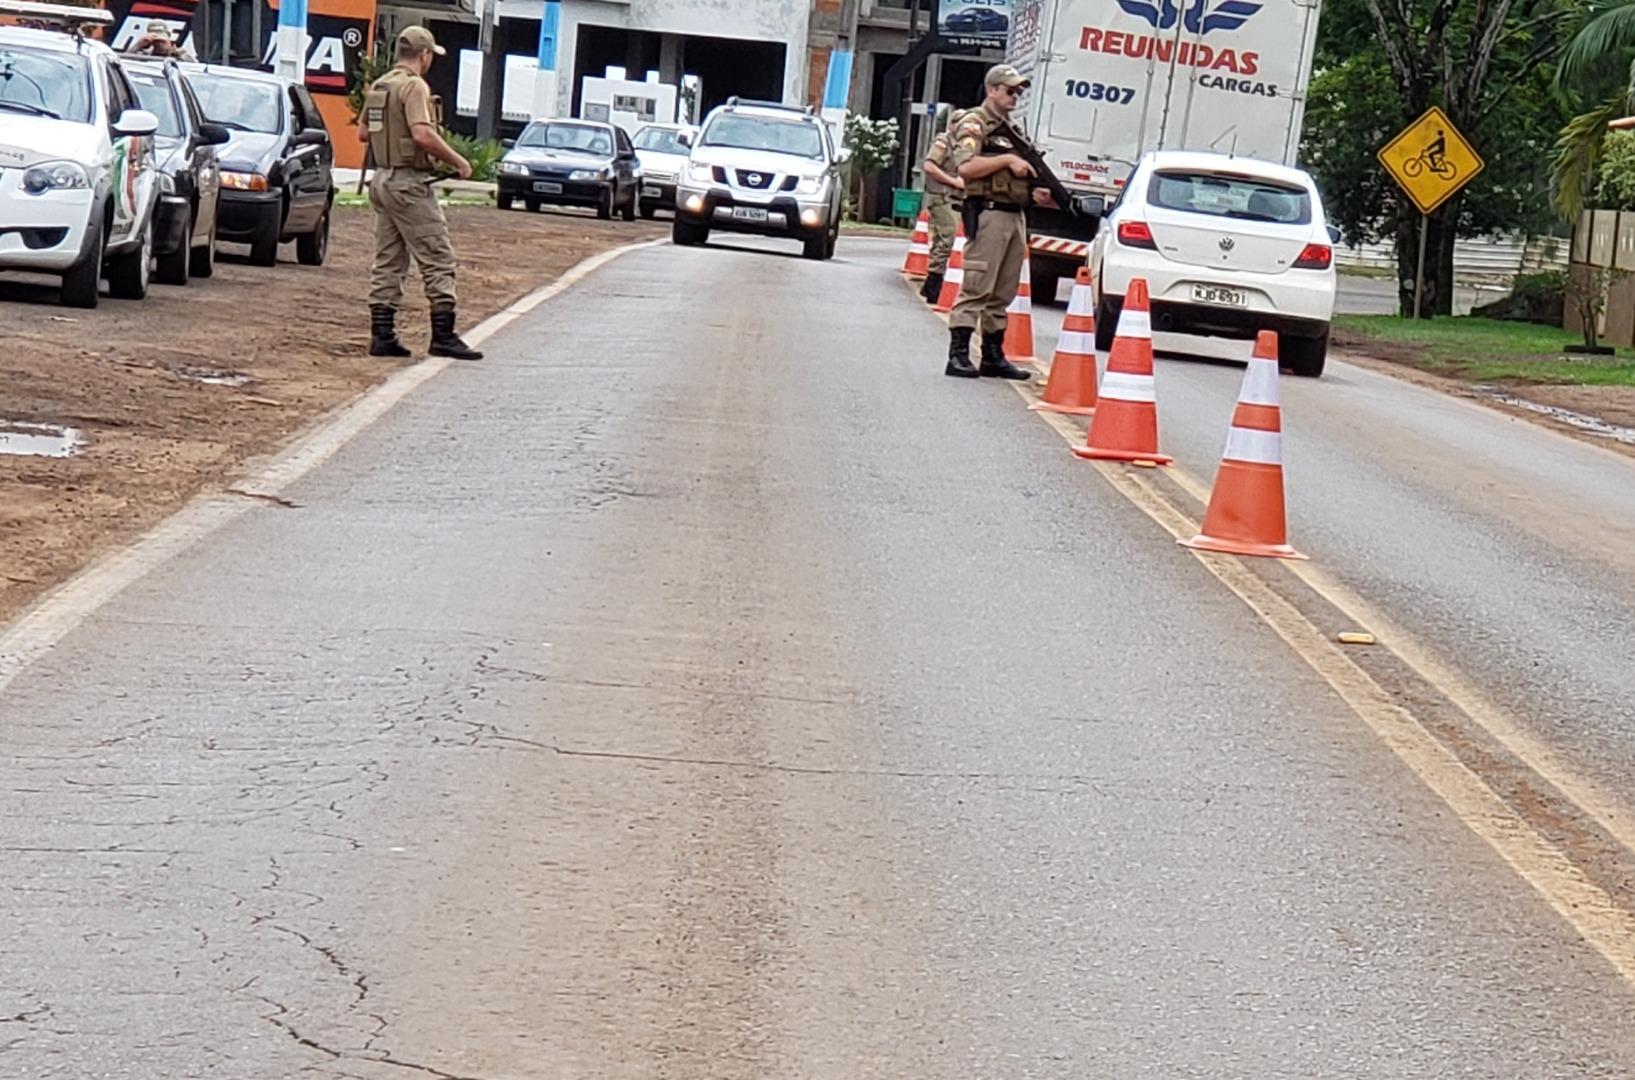 Polícia Militar de Iporã do Oeste flagra diversas irregularidades durante Operação Fronteira Segura